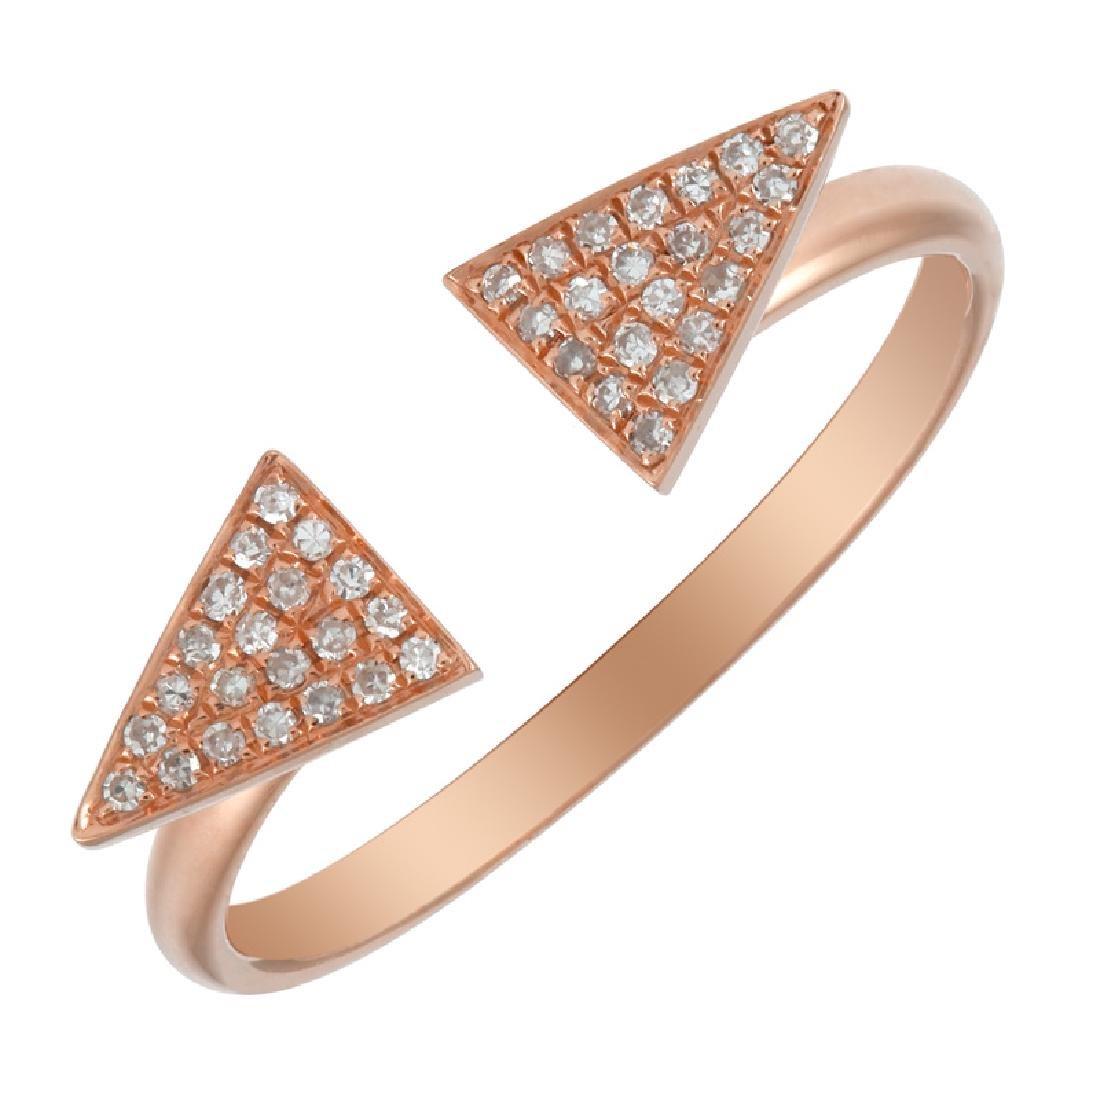 14KT Rose Gold Women's Diamond Ring - 2